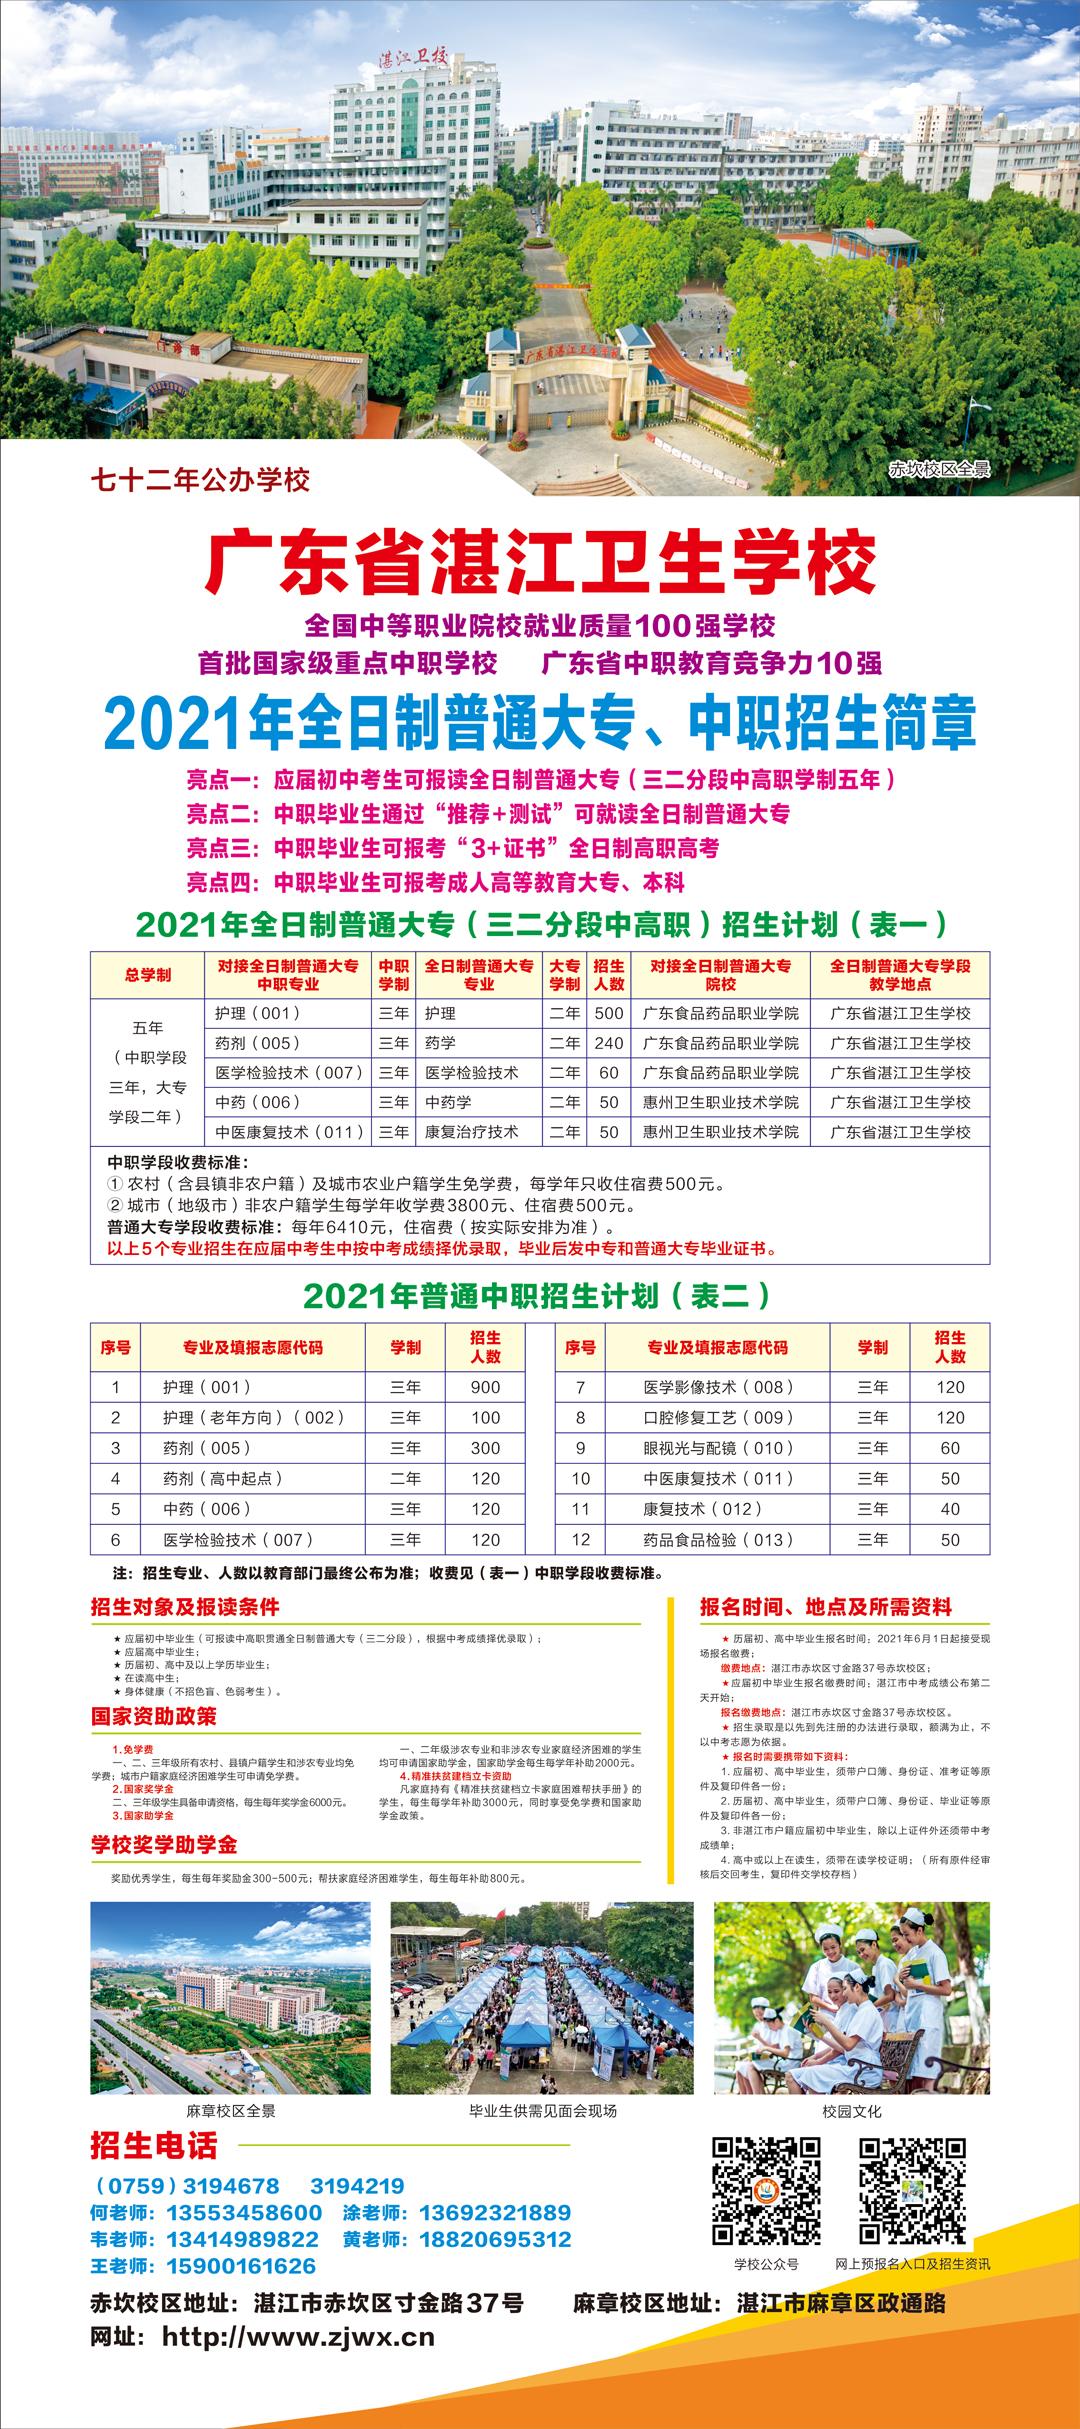 广东省湛江卫生学校2021年全日制普通大专、中职招生简章